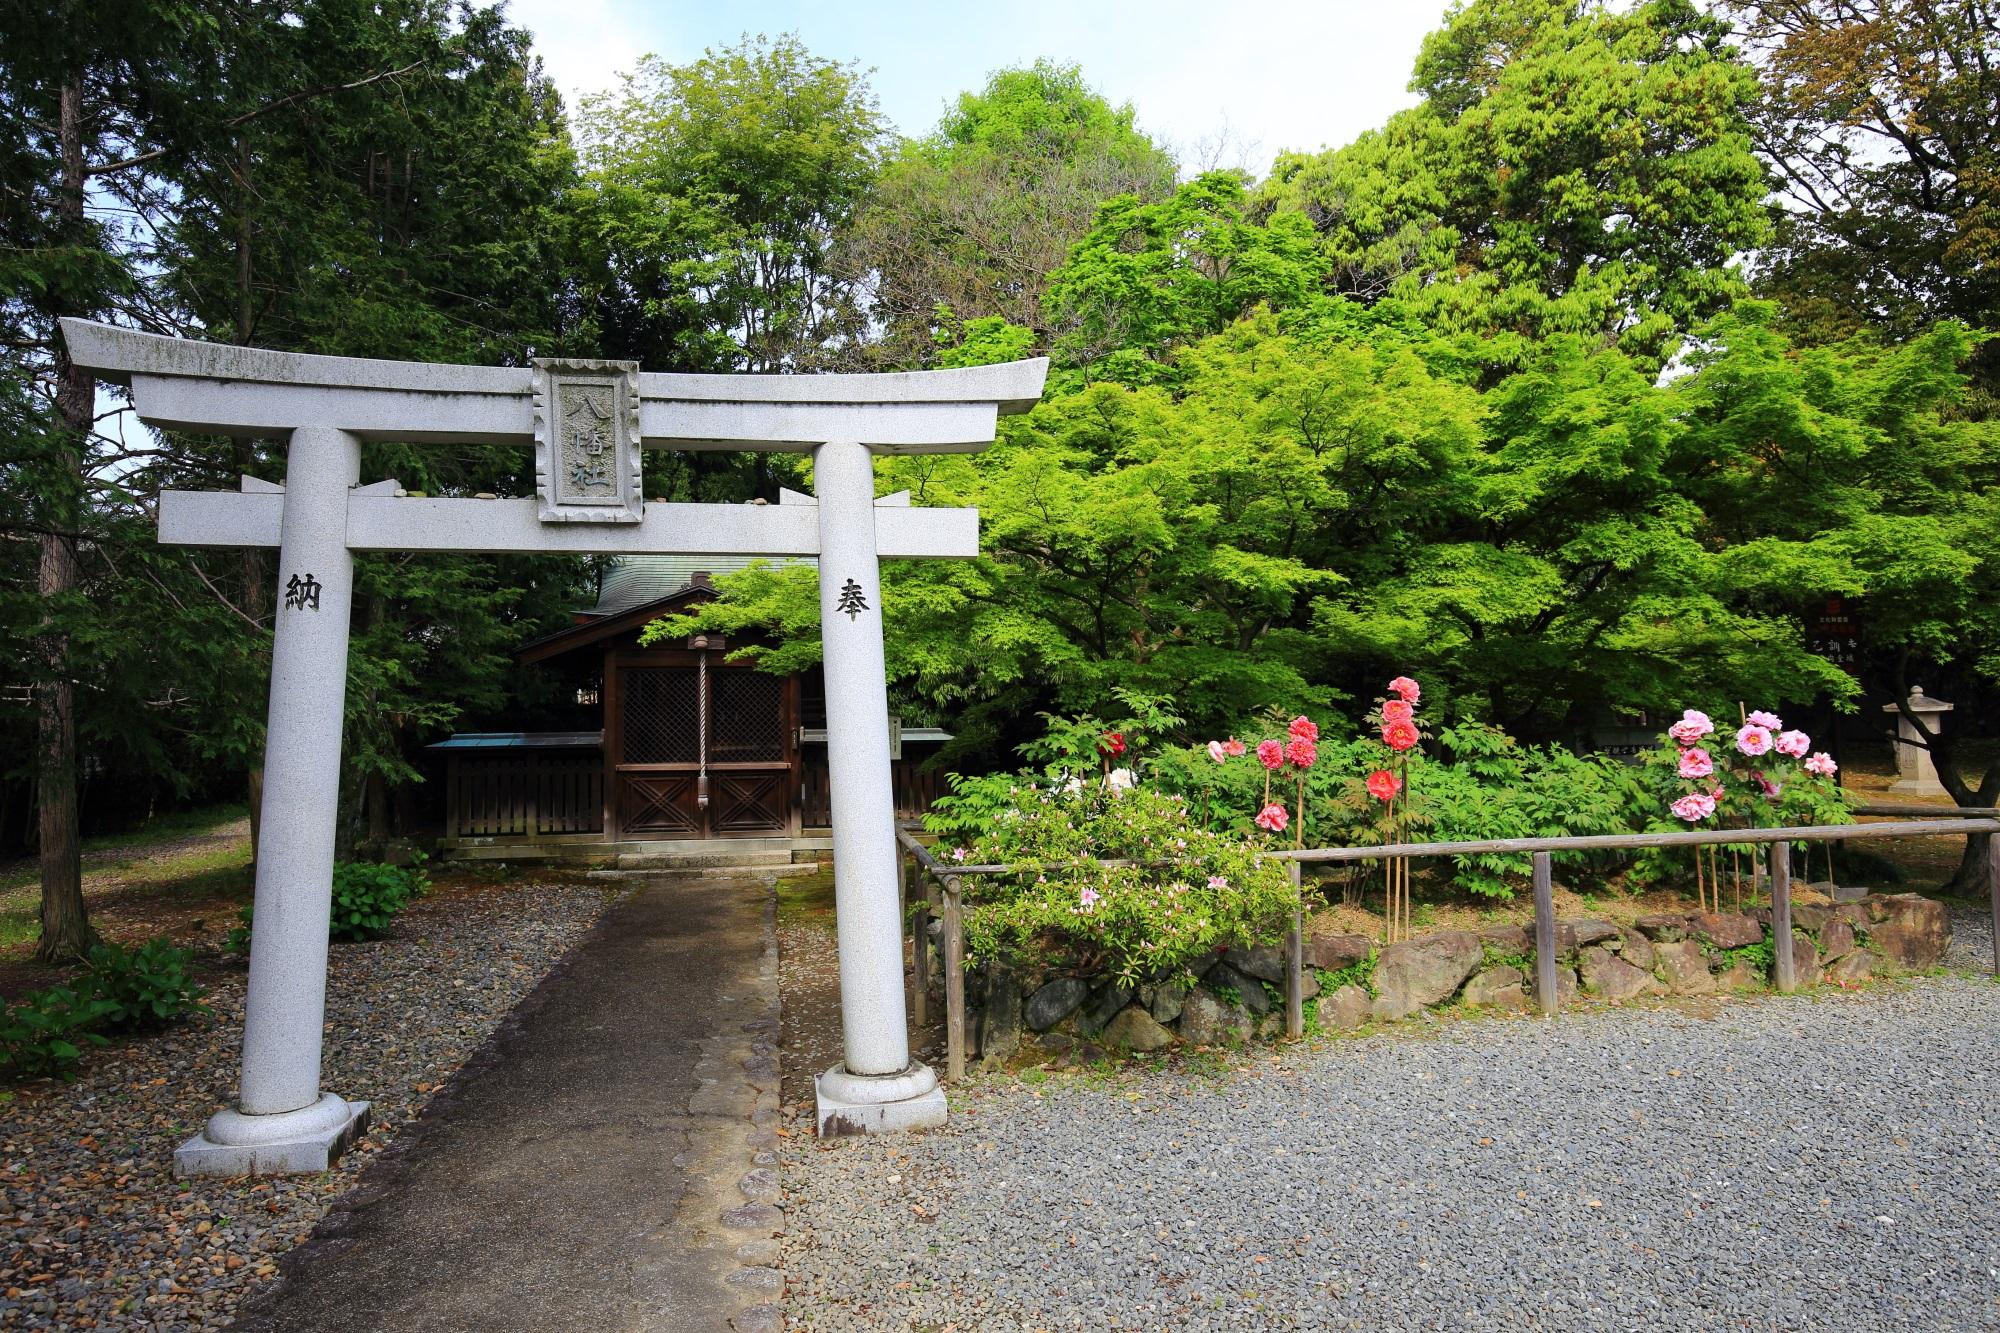 乙訓寺の末社の八幡社と付近の牡丹